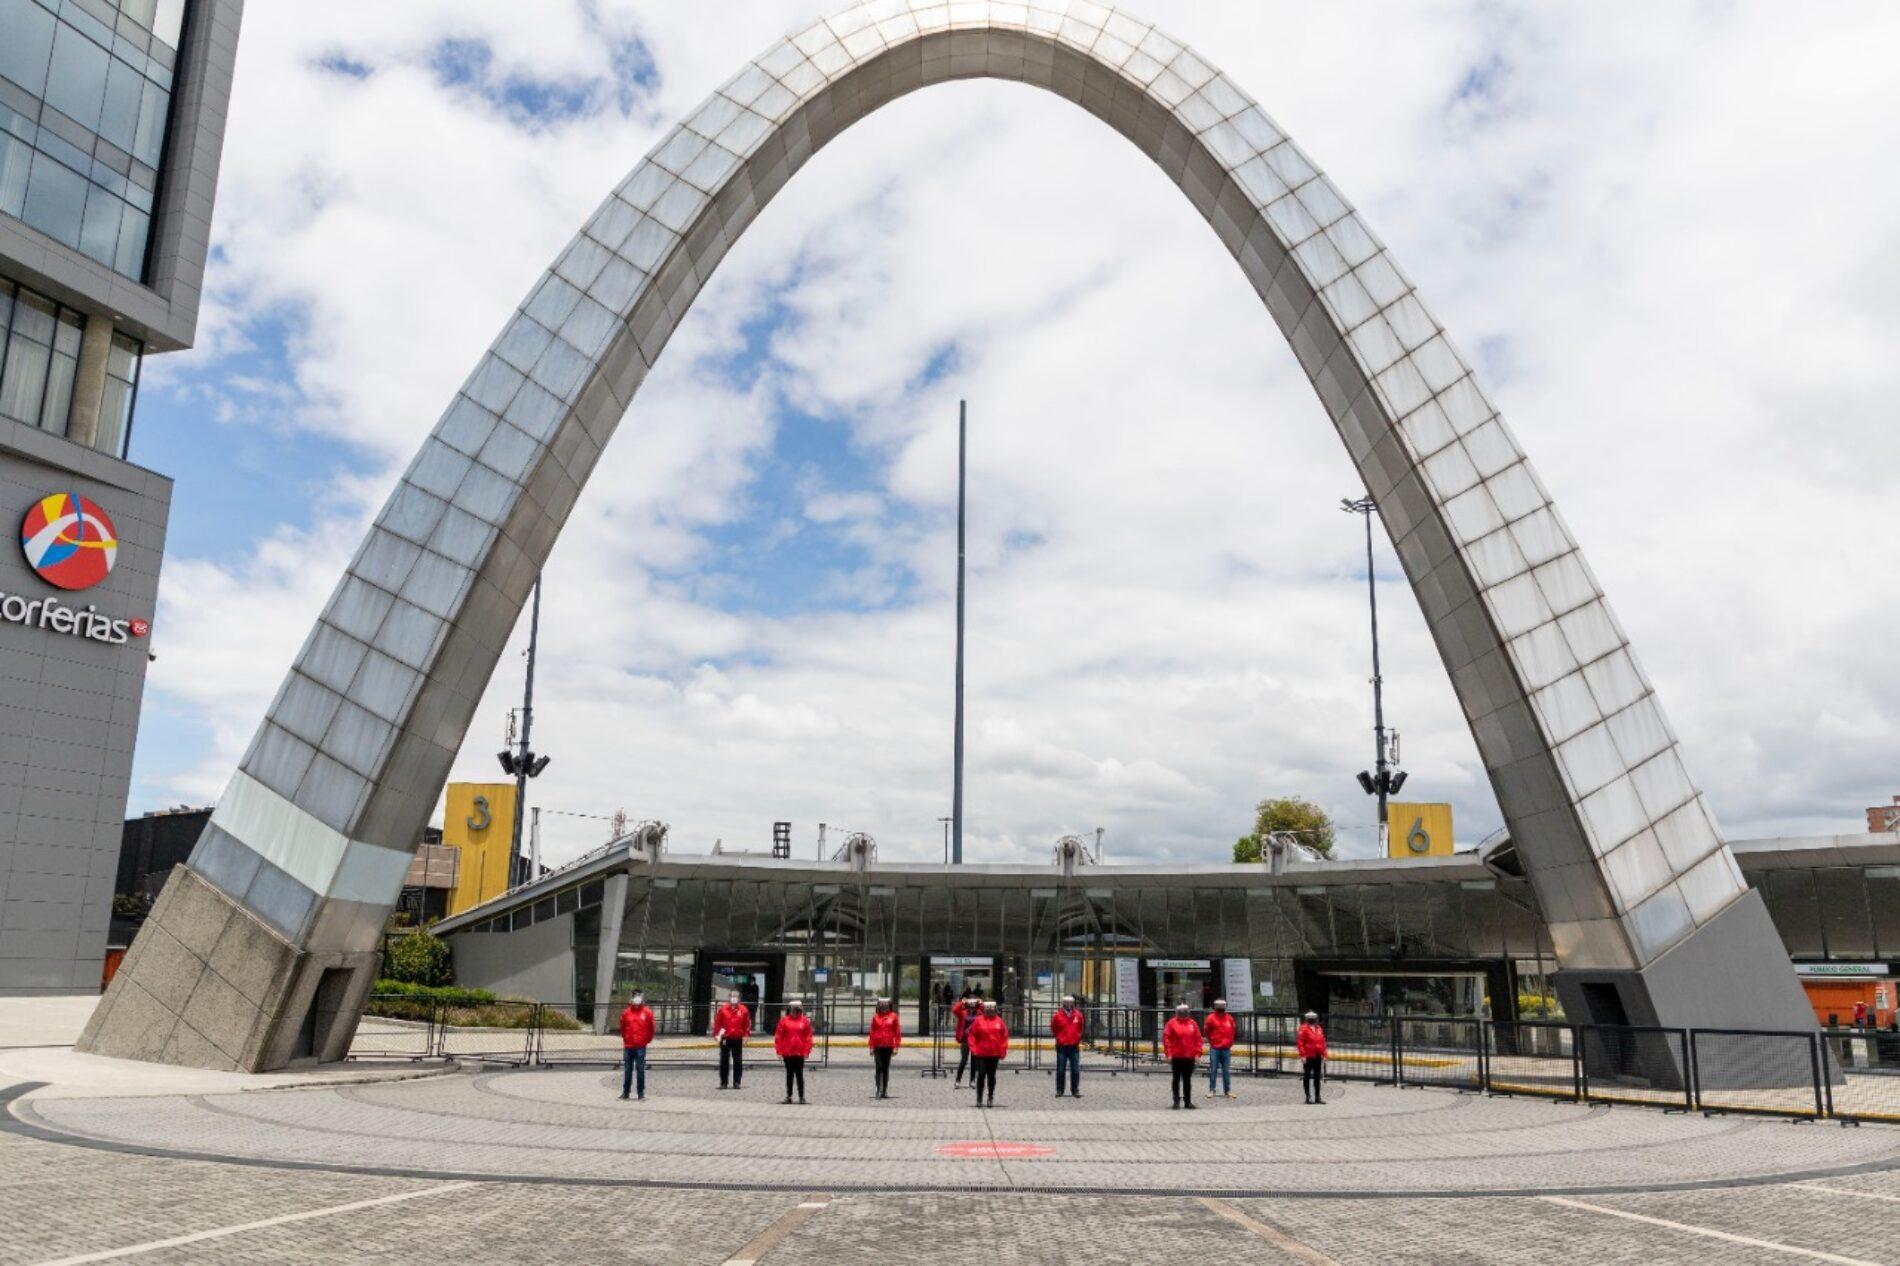 CORFERIAS ANUNCIA LA REACTIVACIÓN DE LA INDUSTRIA FERIAL EN COLOMBIA Y PRESENTA SU MODELO 4.0